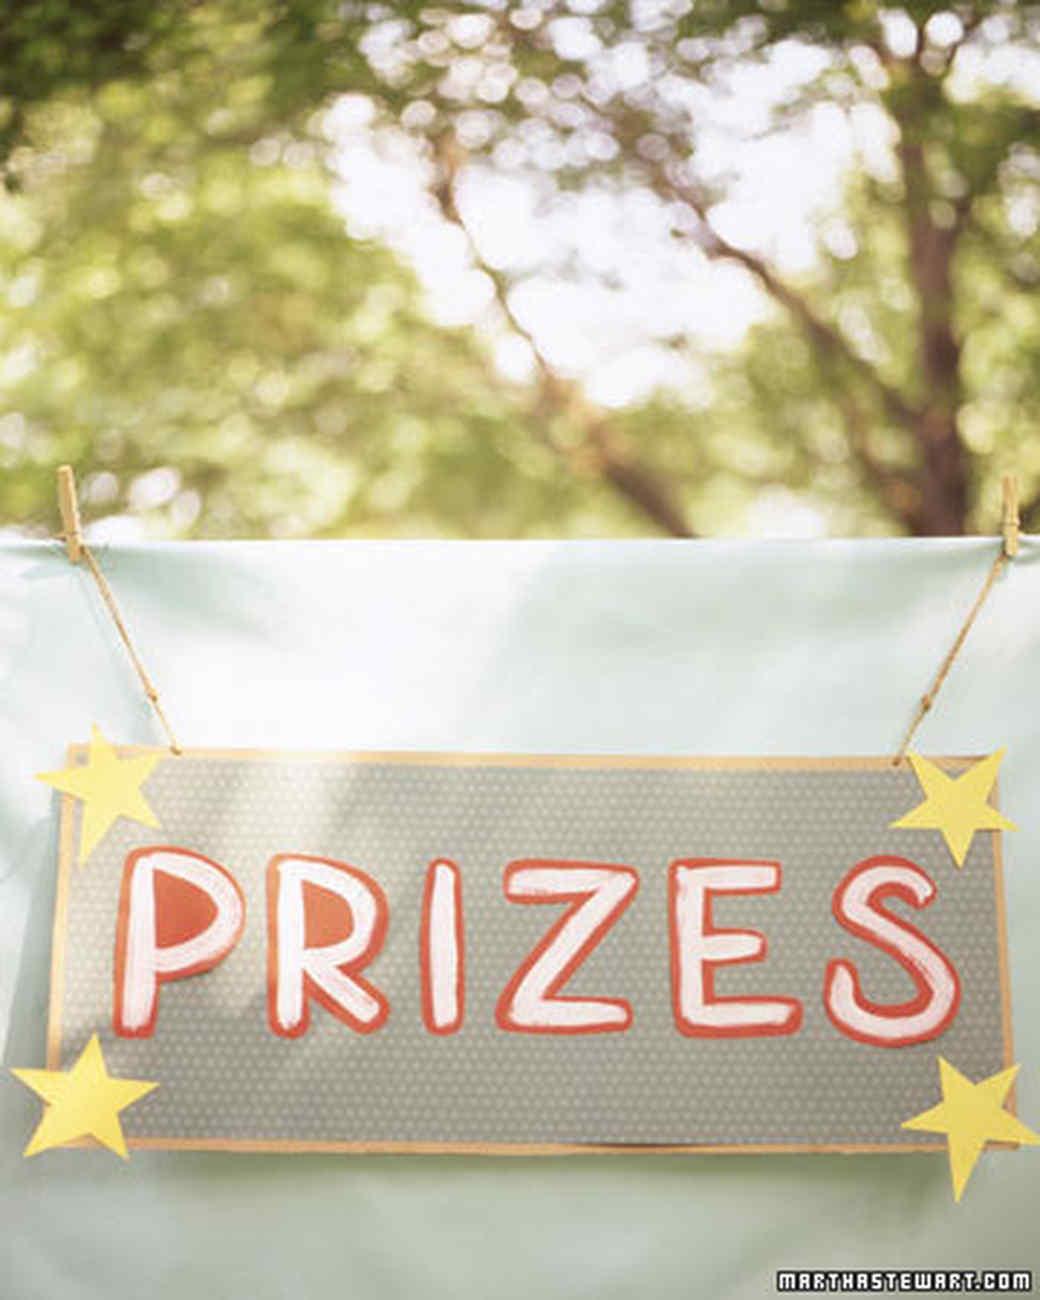 carnival_prizes1.jpg